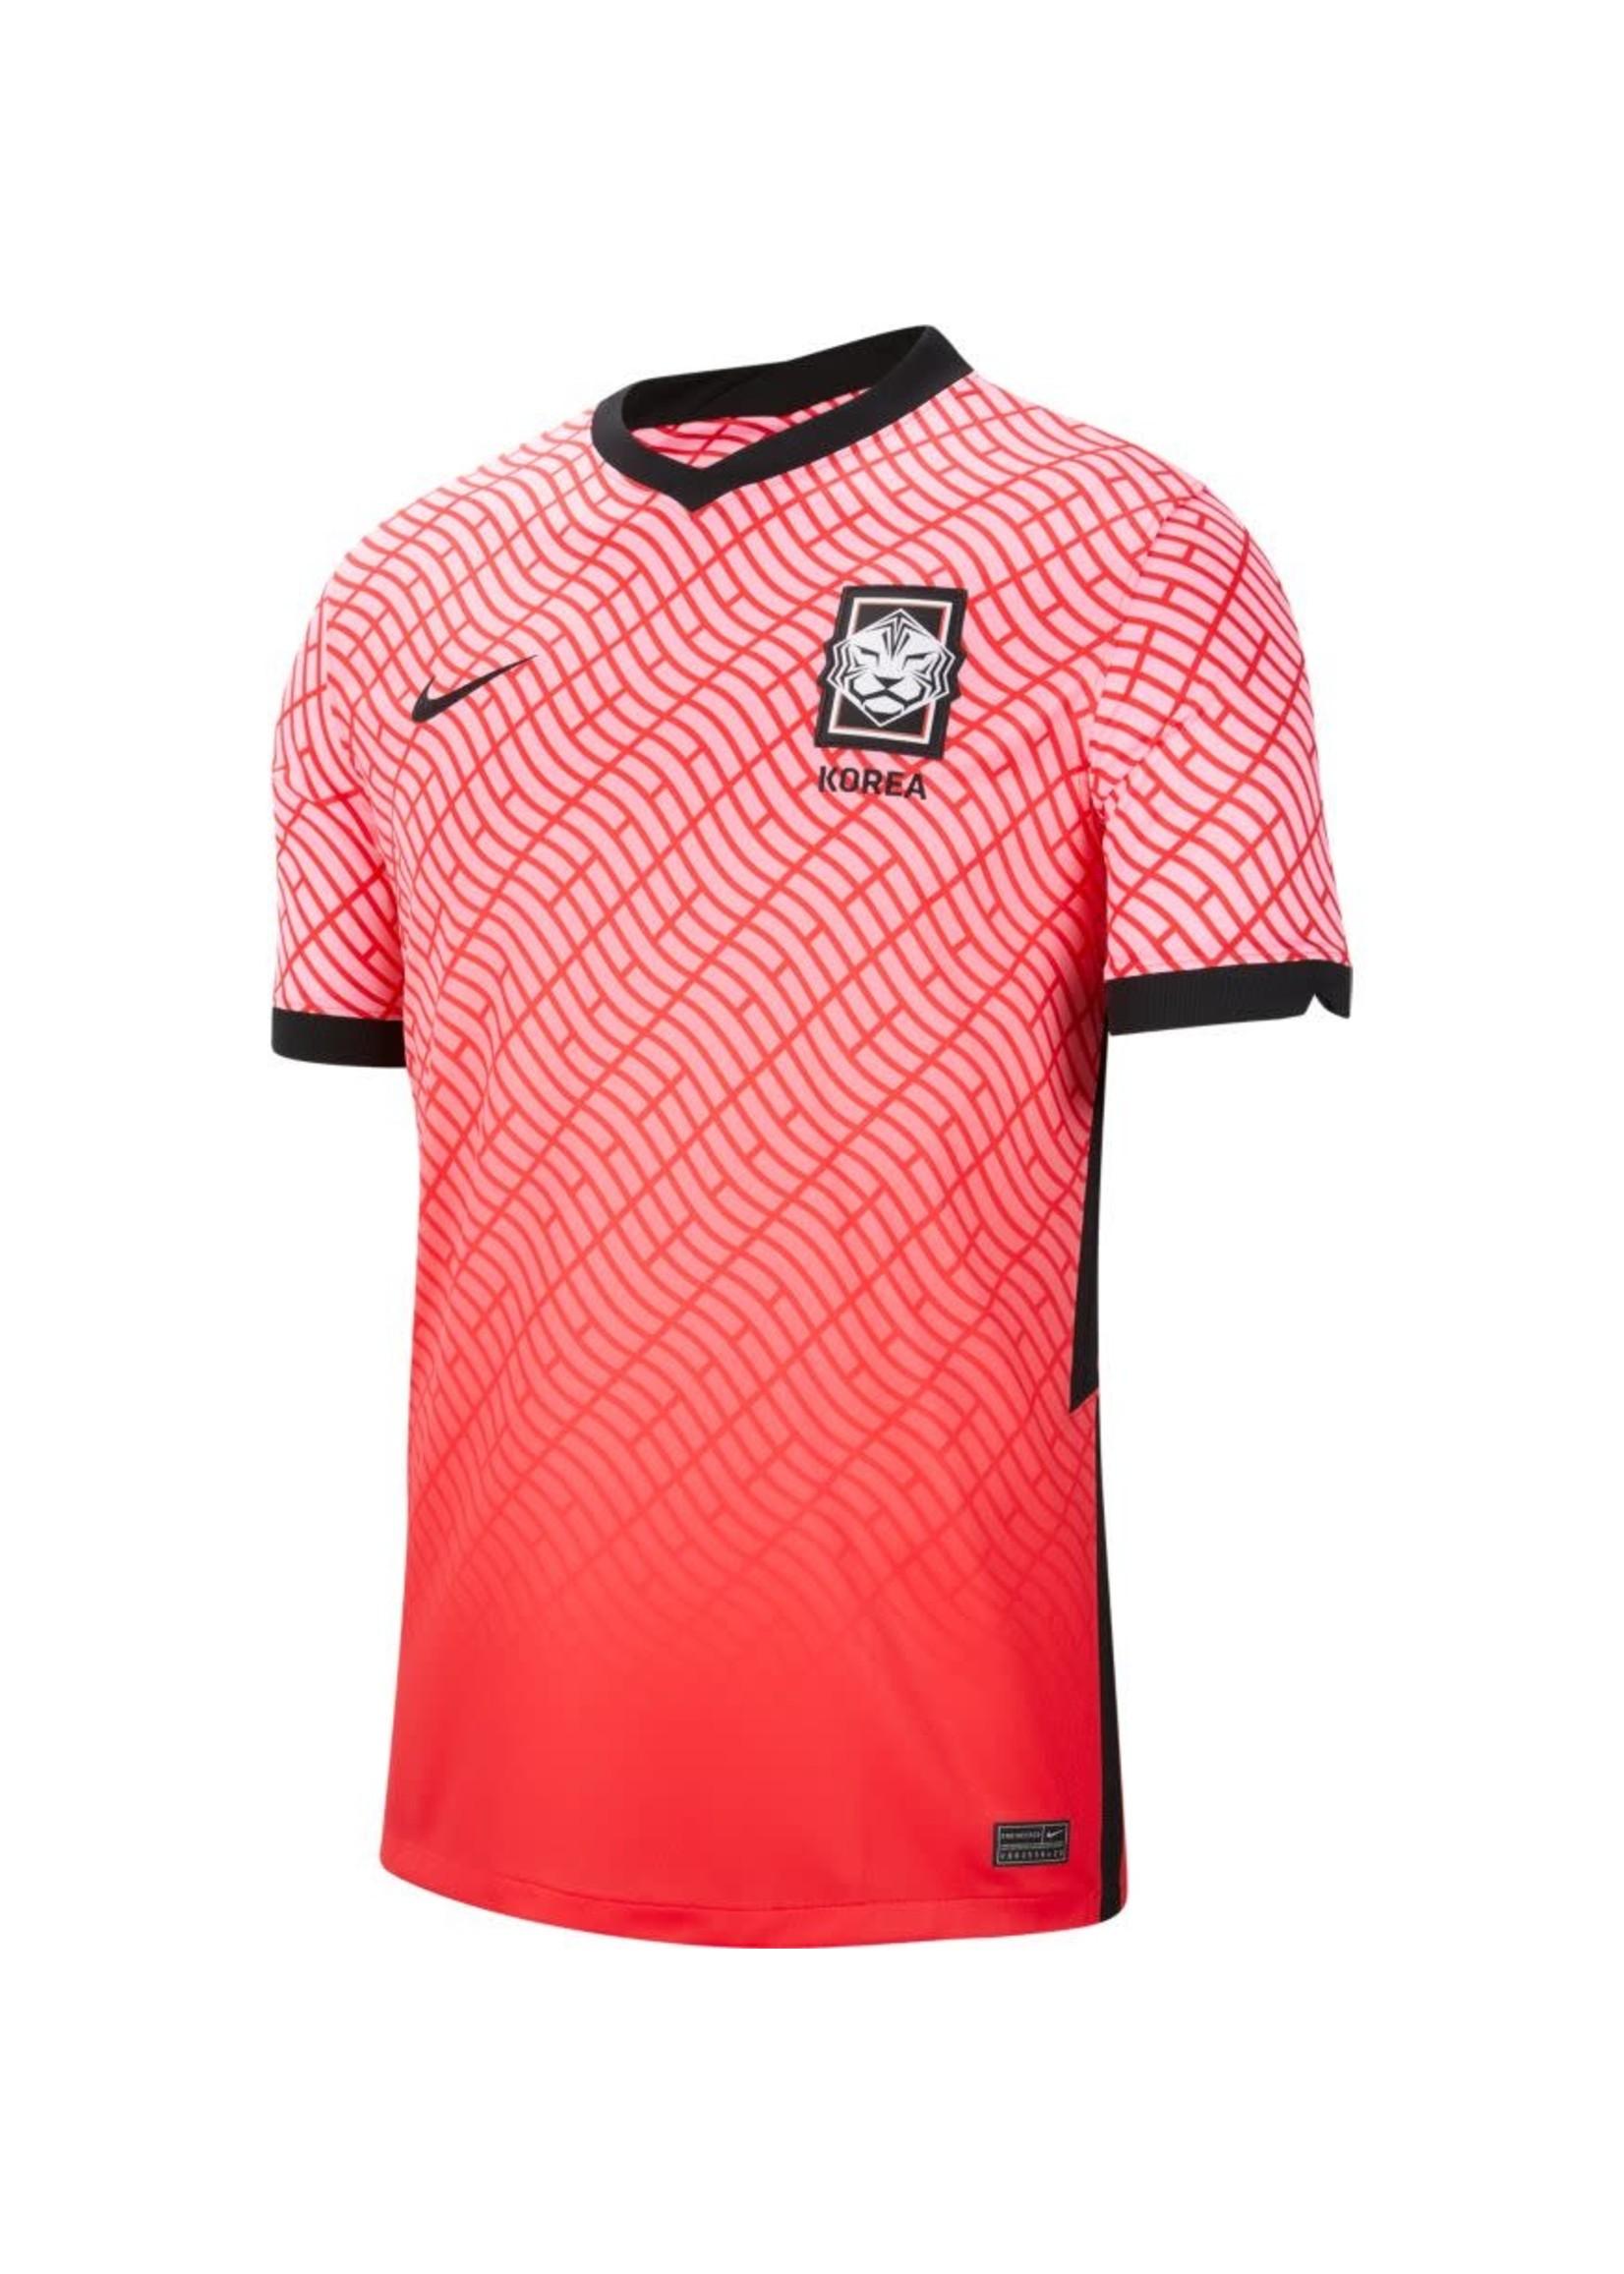 Nike Korea 20/21 Home Jersey Adult